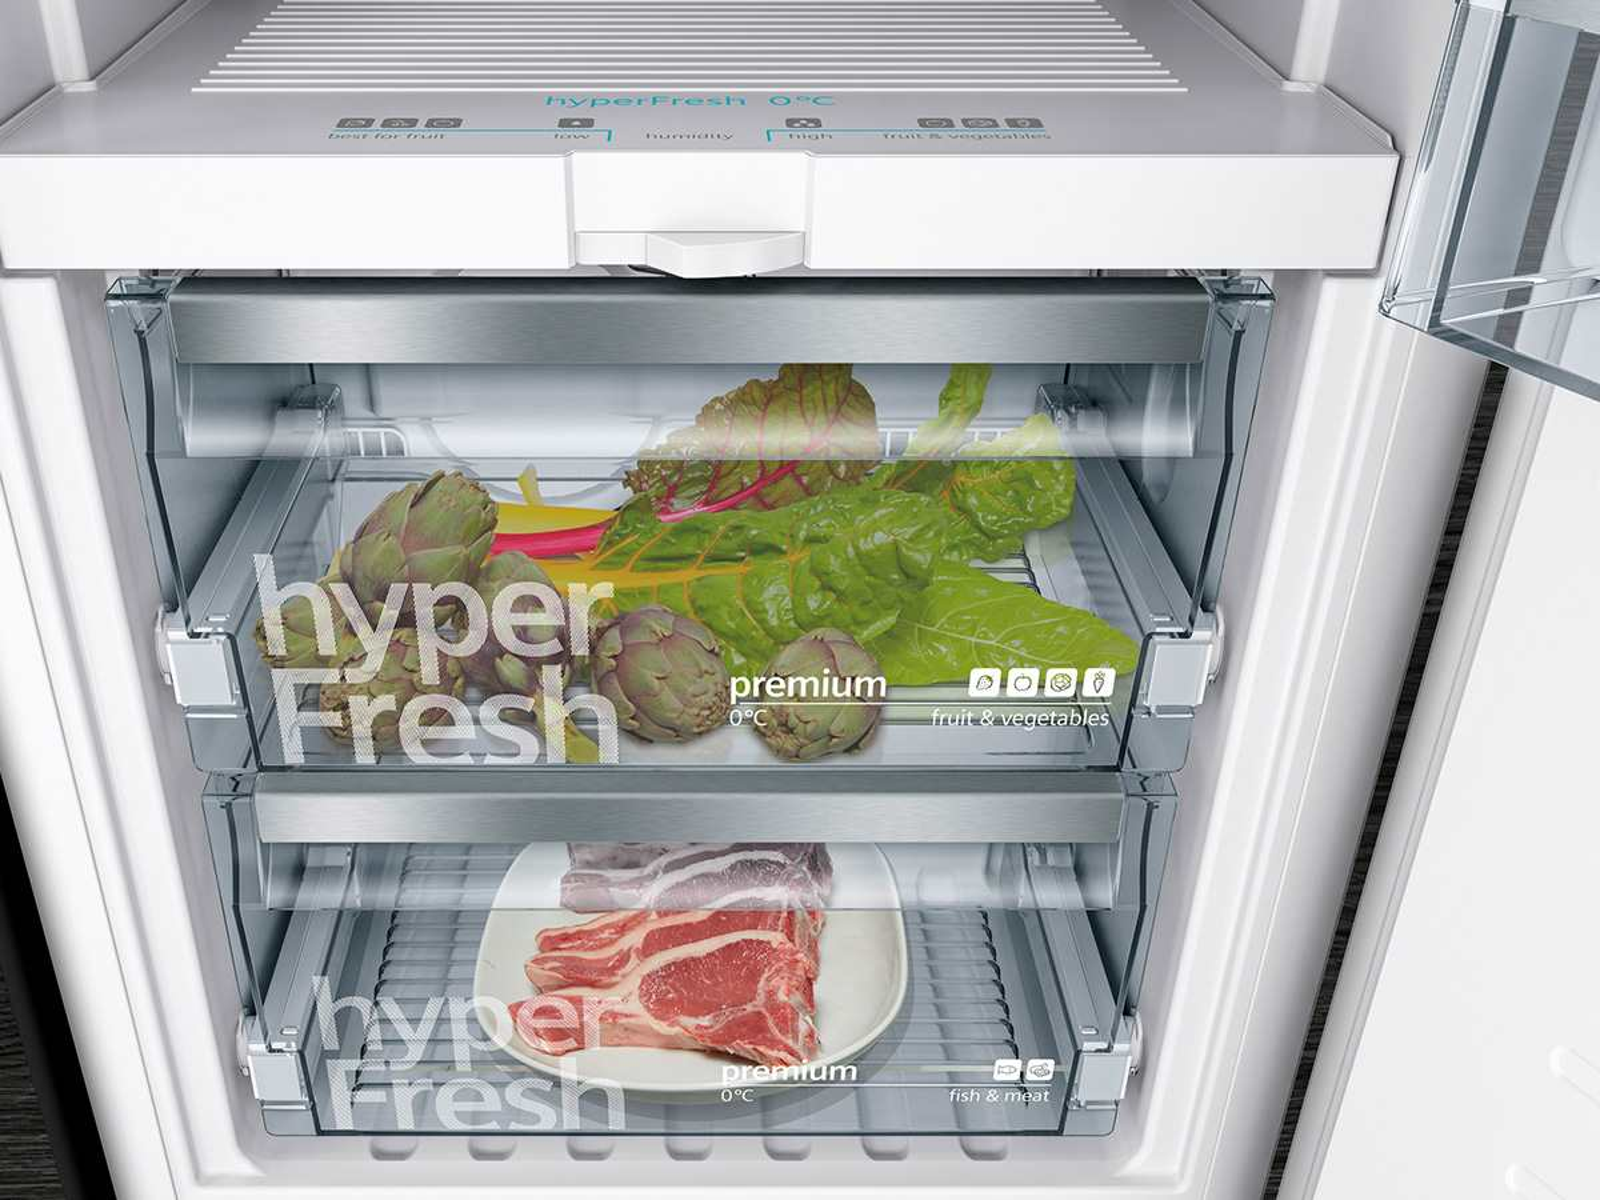 Siemens Kühlschrank Mit Schubladen : Siemens studioline ki fsd einbaukühlschrank